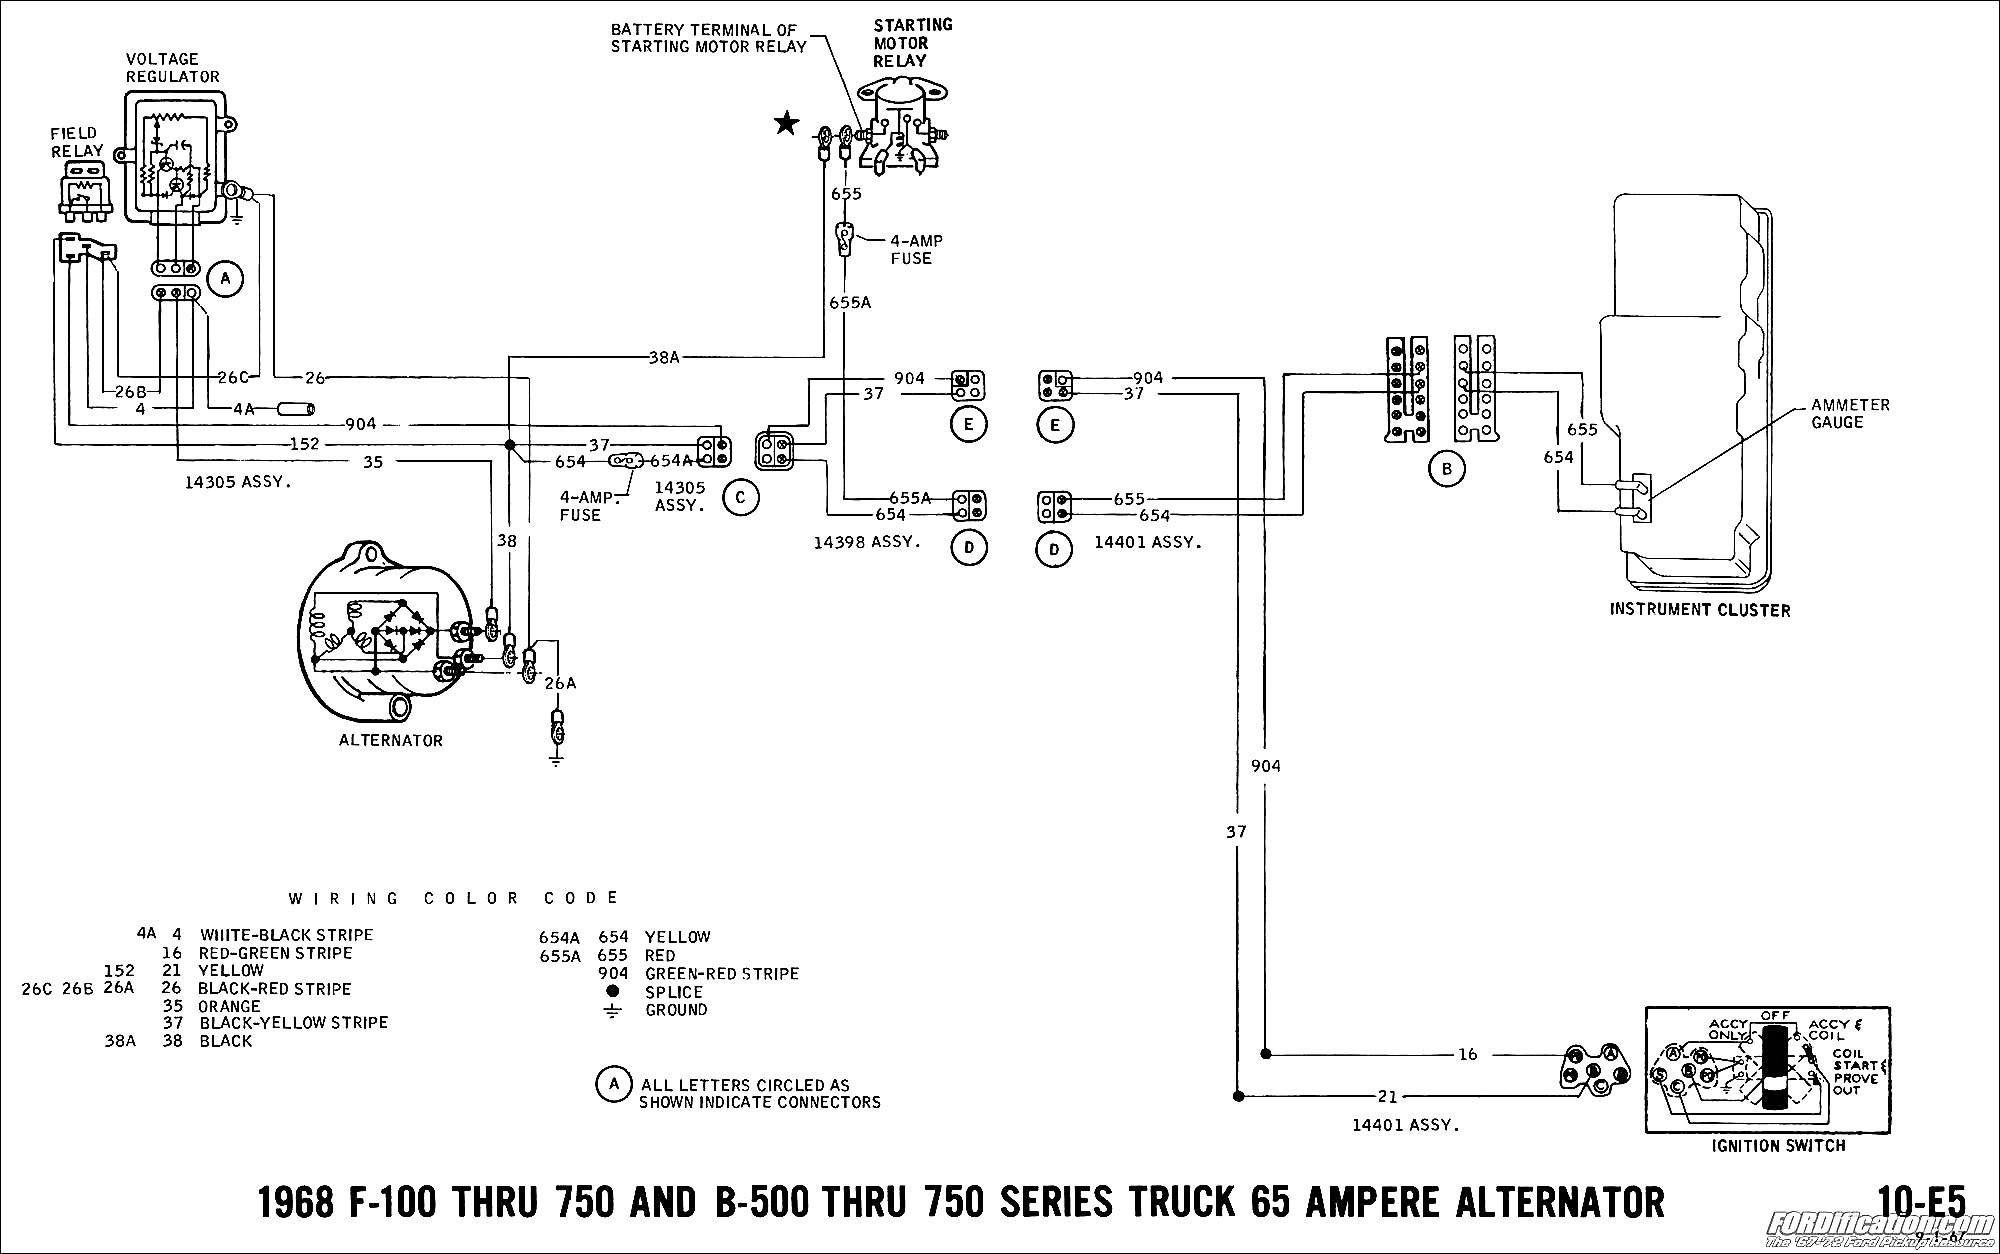 [DIAGRAM_38EU]  Wiring Diagram For International 434 Tractor | International 424 Wiring Diagram |  | Wiring Diagram